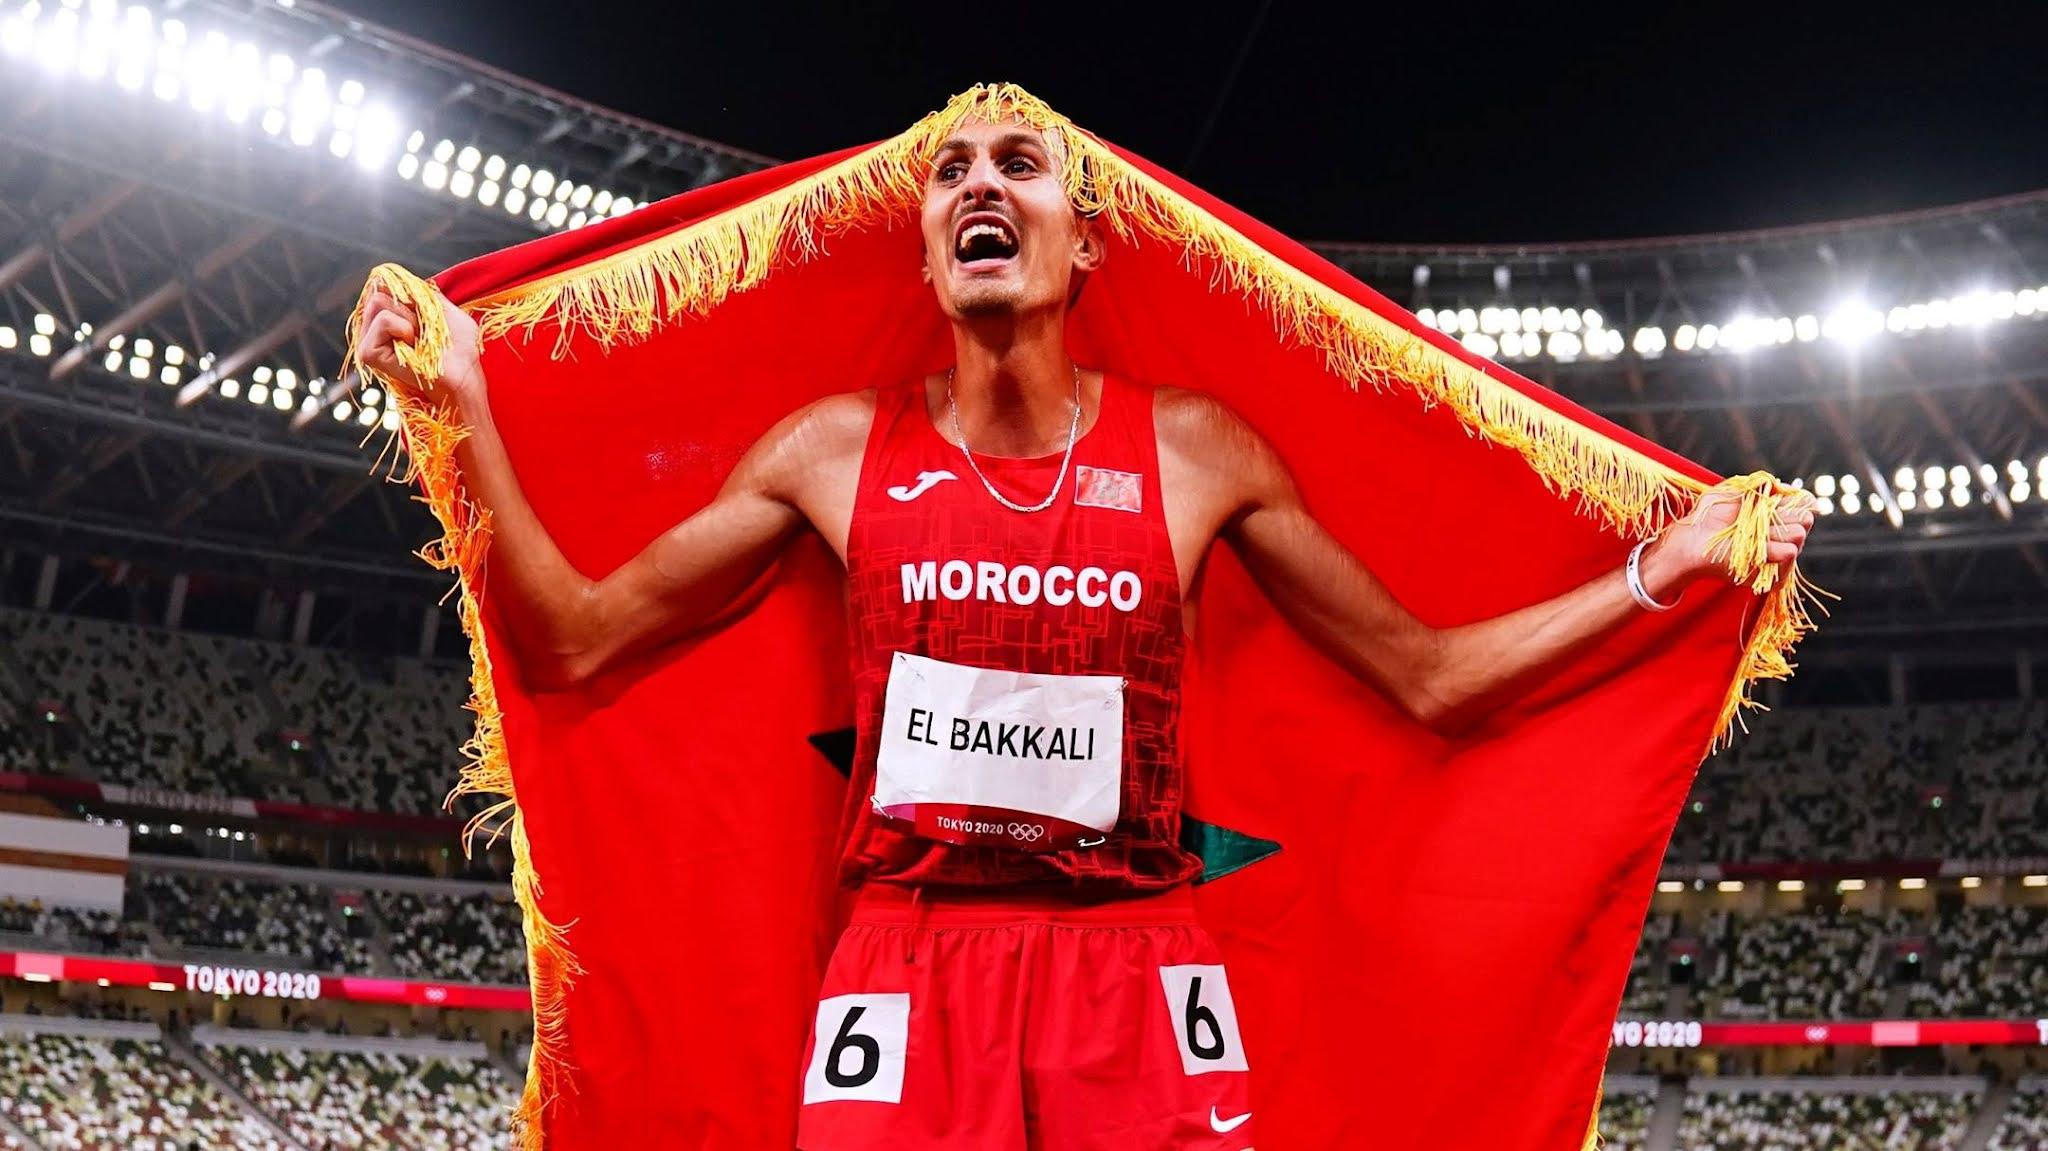 Atletismo Olimpíadas Marrocos